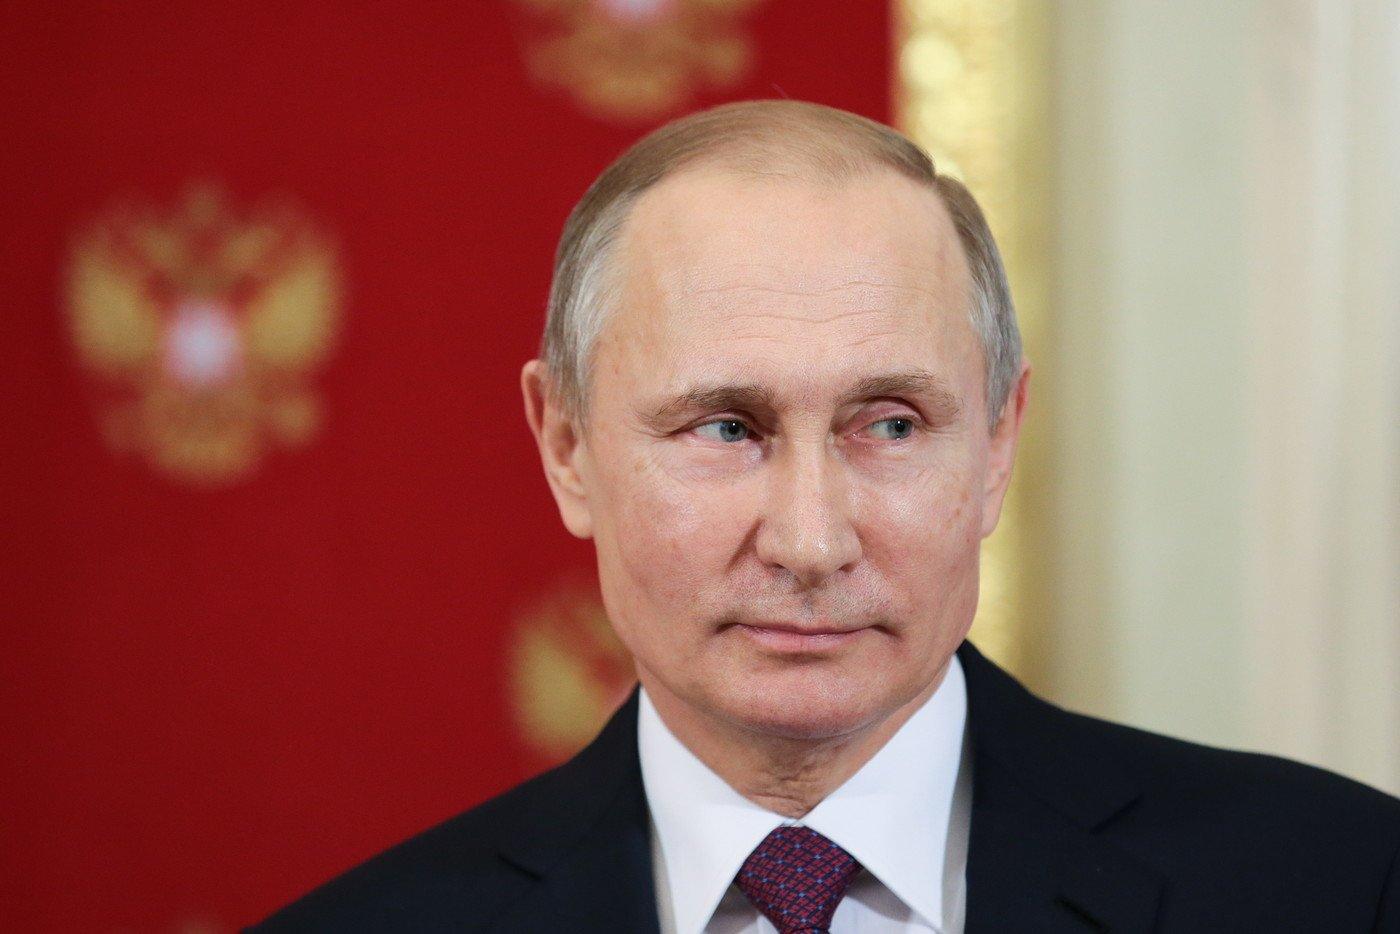 Путин возглавил медиарейтинг самых упоминаемых вСМИ мужчин